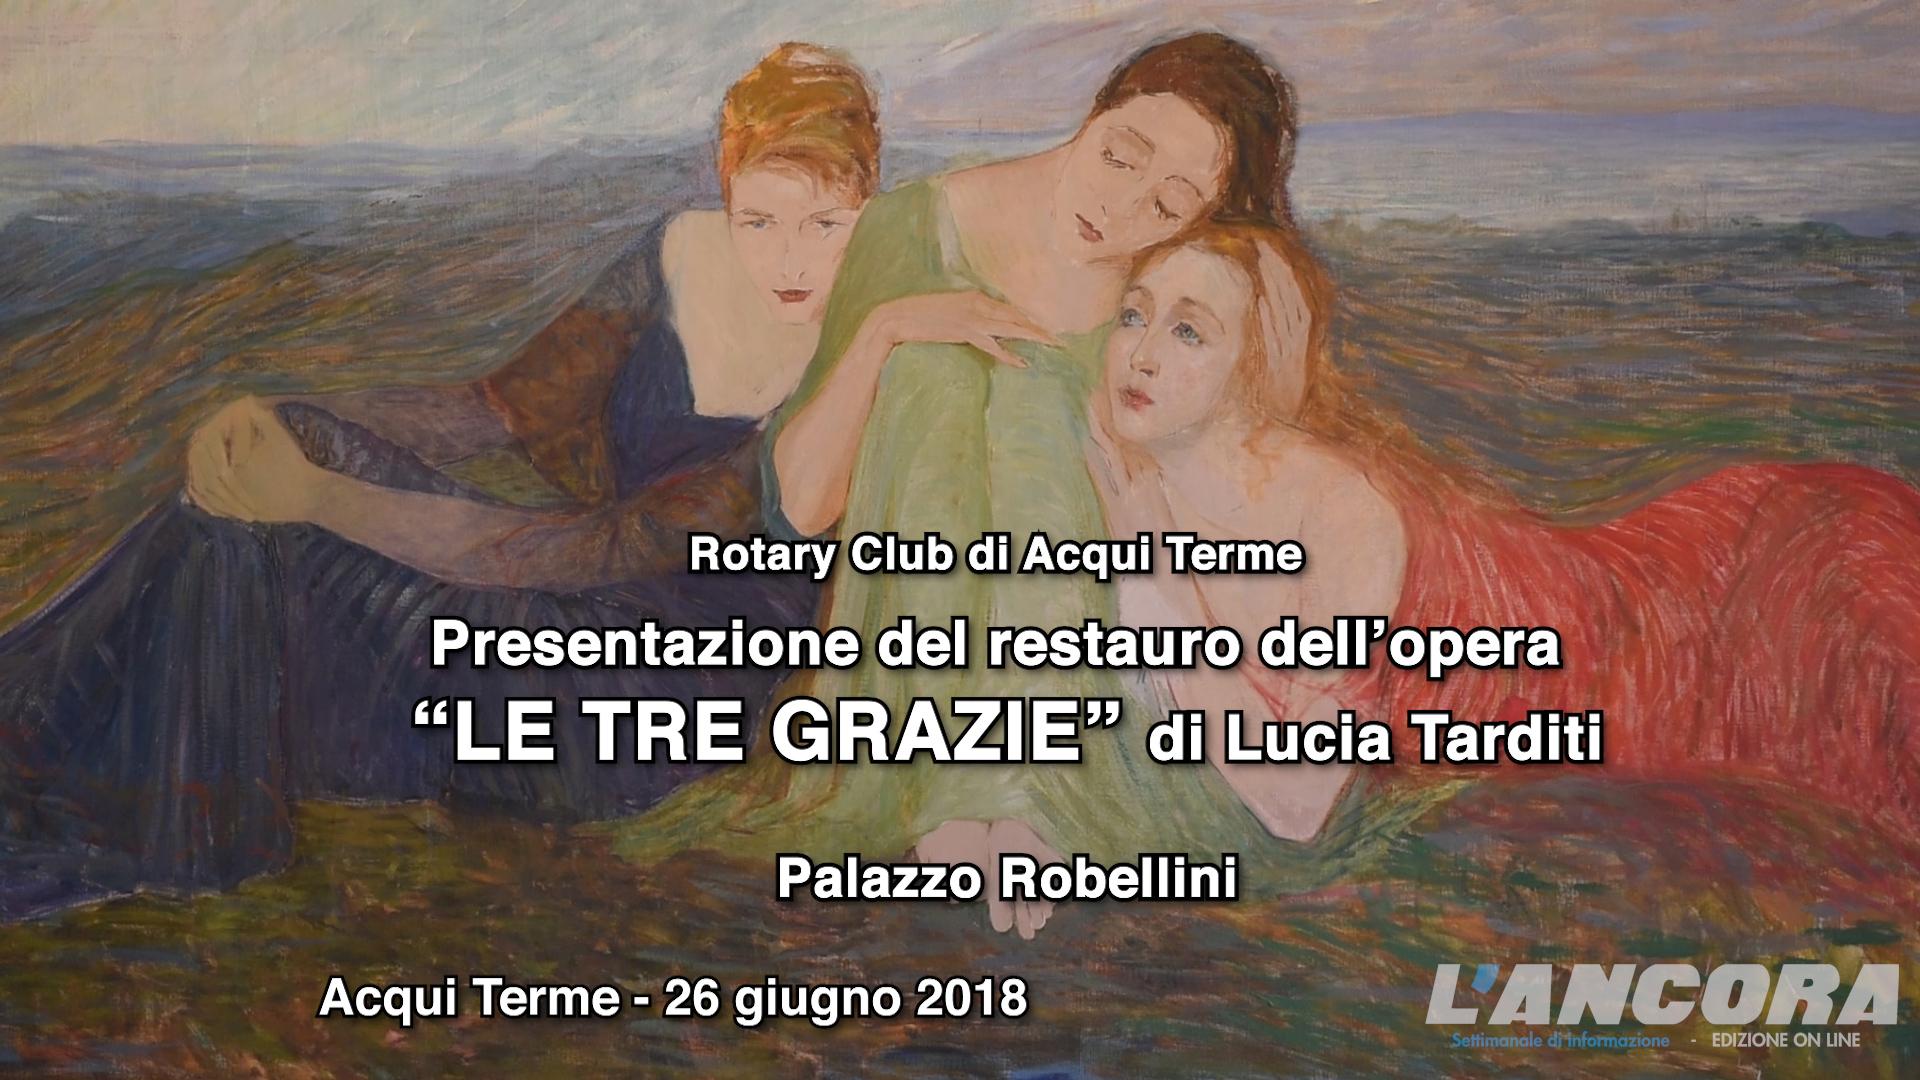 """Presentazione del restauro dell'opera """"LE TRE GRAZIE"""" di Lucia Tarditi (VIDEO)"""